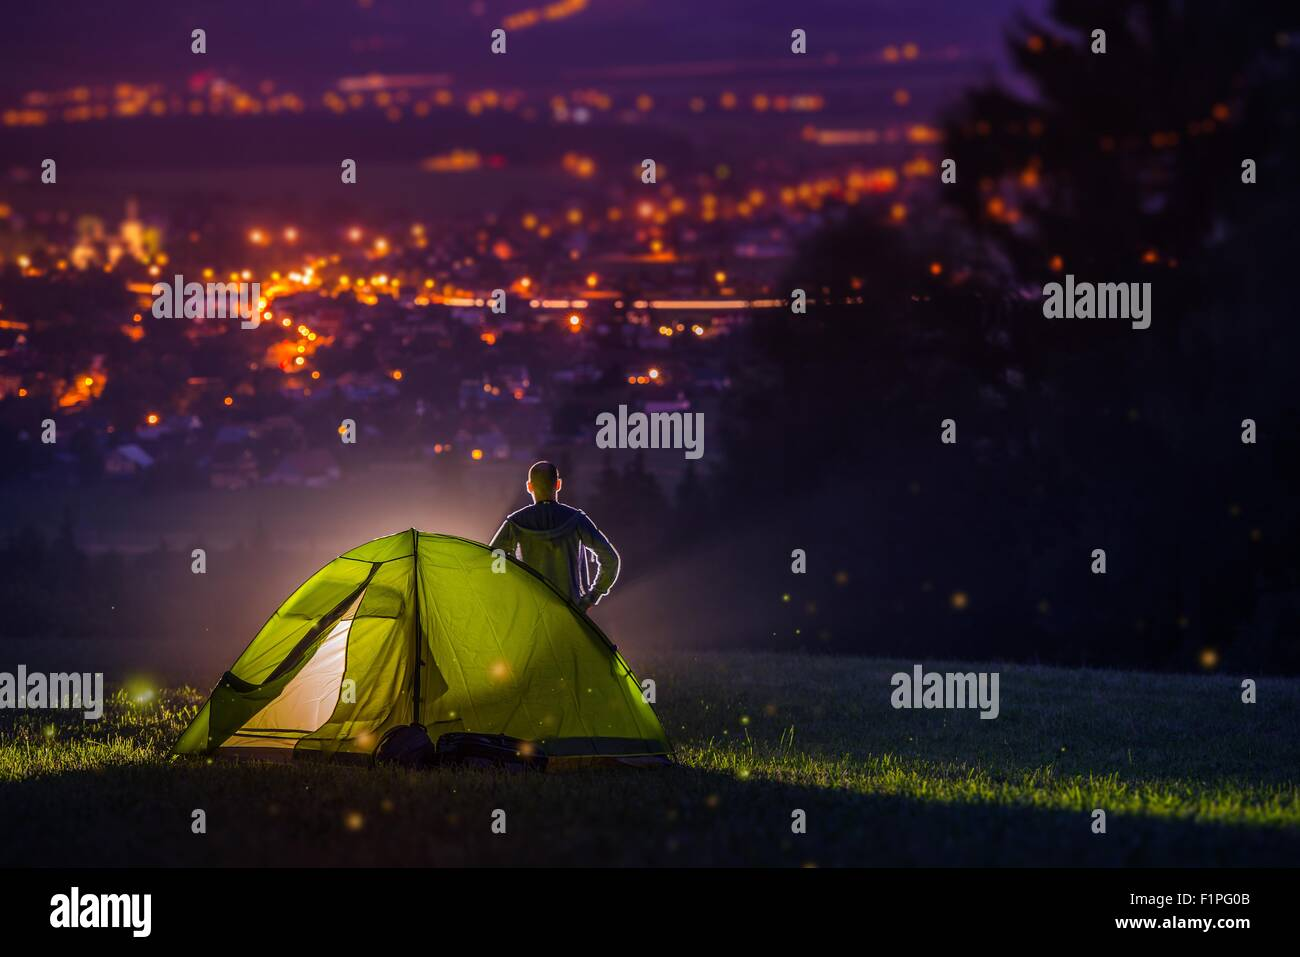 Natur Camping mit Scenic City Blick hinunter ins Tal. Stadtbild bei Nacht und den Camper mit beleuchteten Zelt beleuchtet. Stockbild